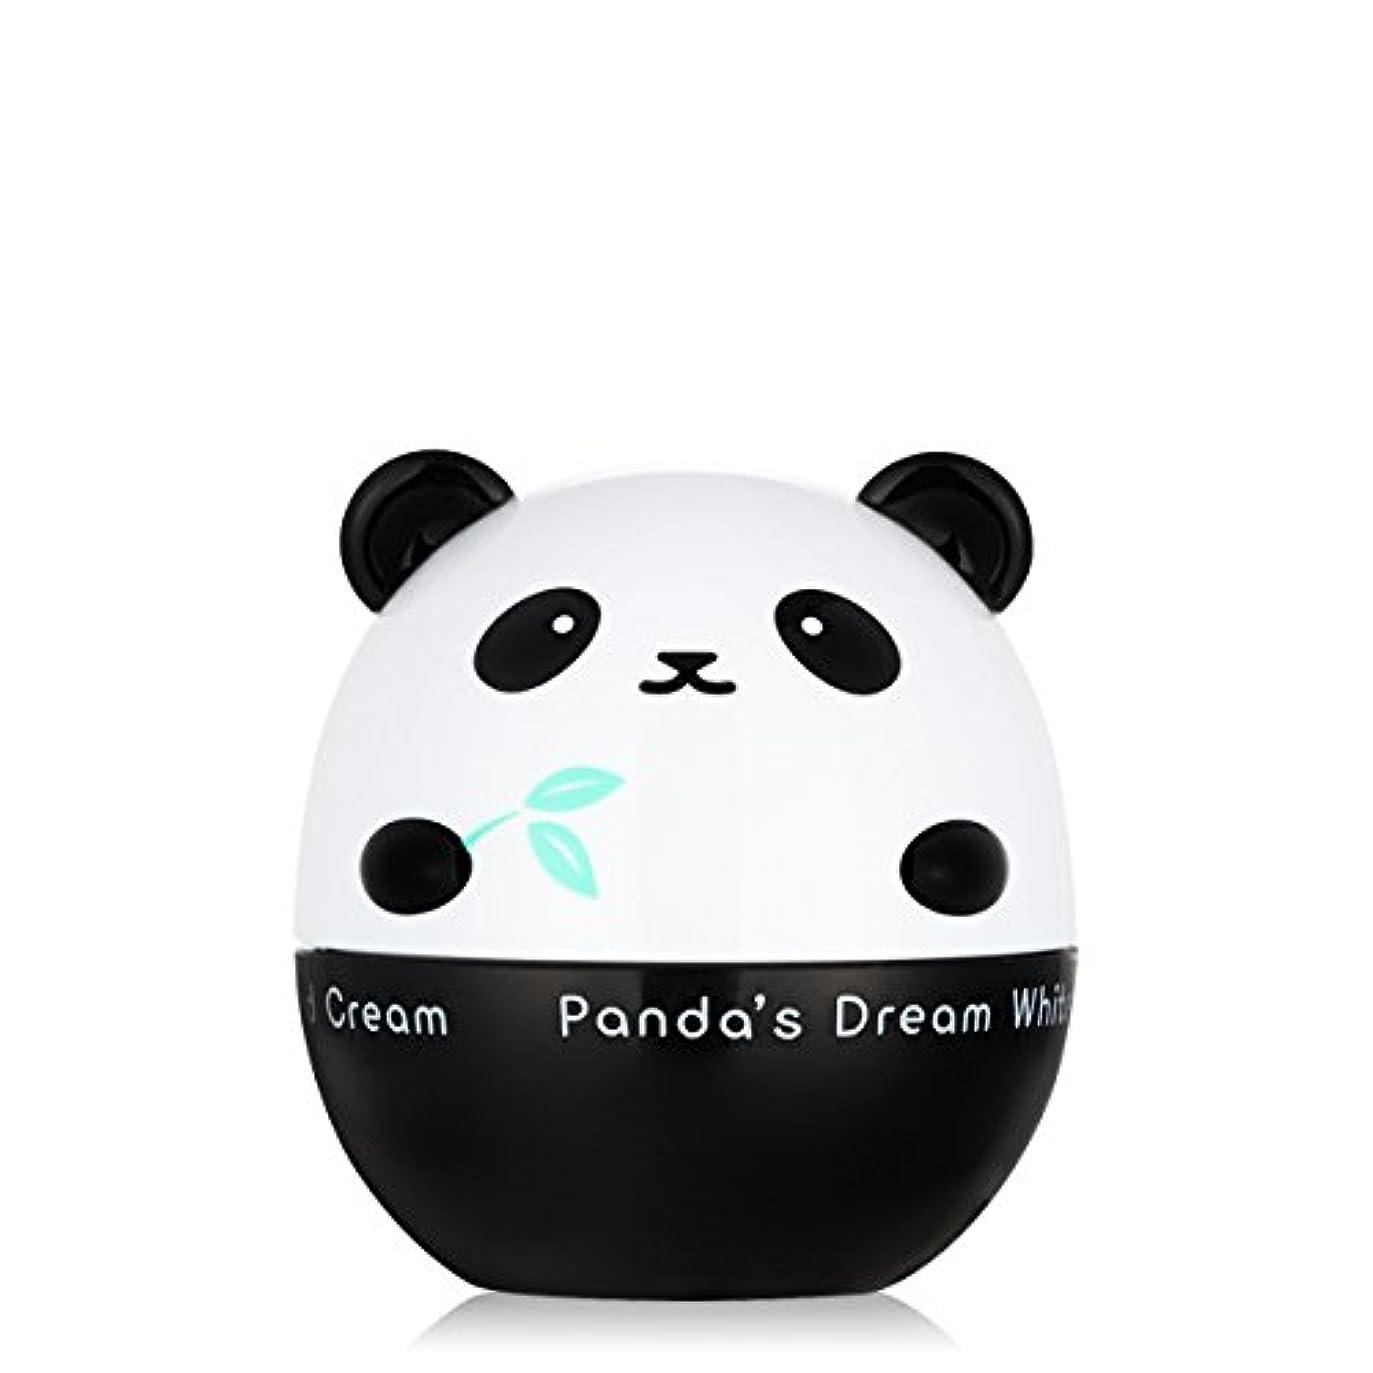 逮捕信条論理[1+1] TONY MOLY Panda's Dream White Magic Cream 50g/ トニーモリーパンダーズドリームホワイトマジッククリーム 50g [並行輸入品]